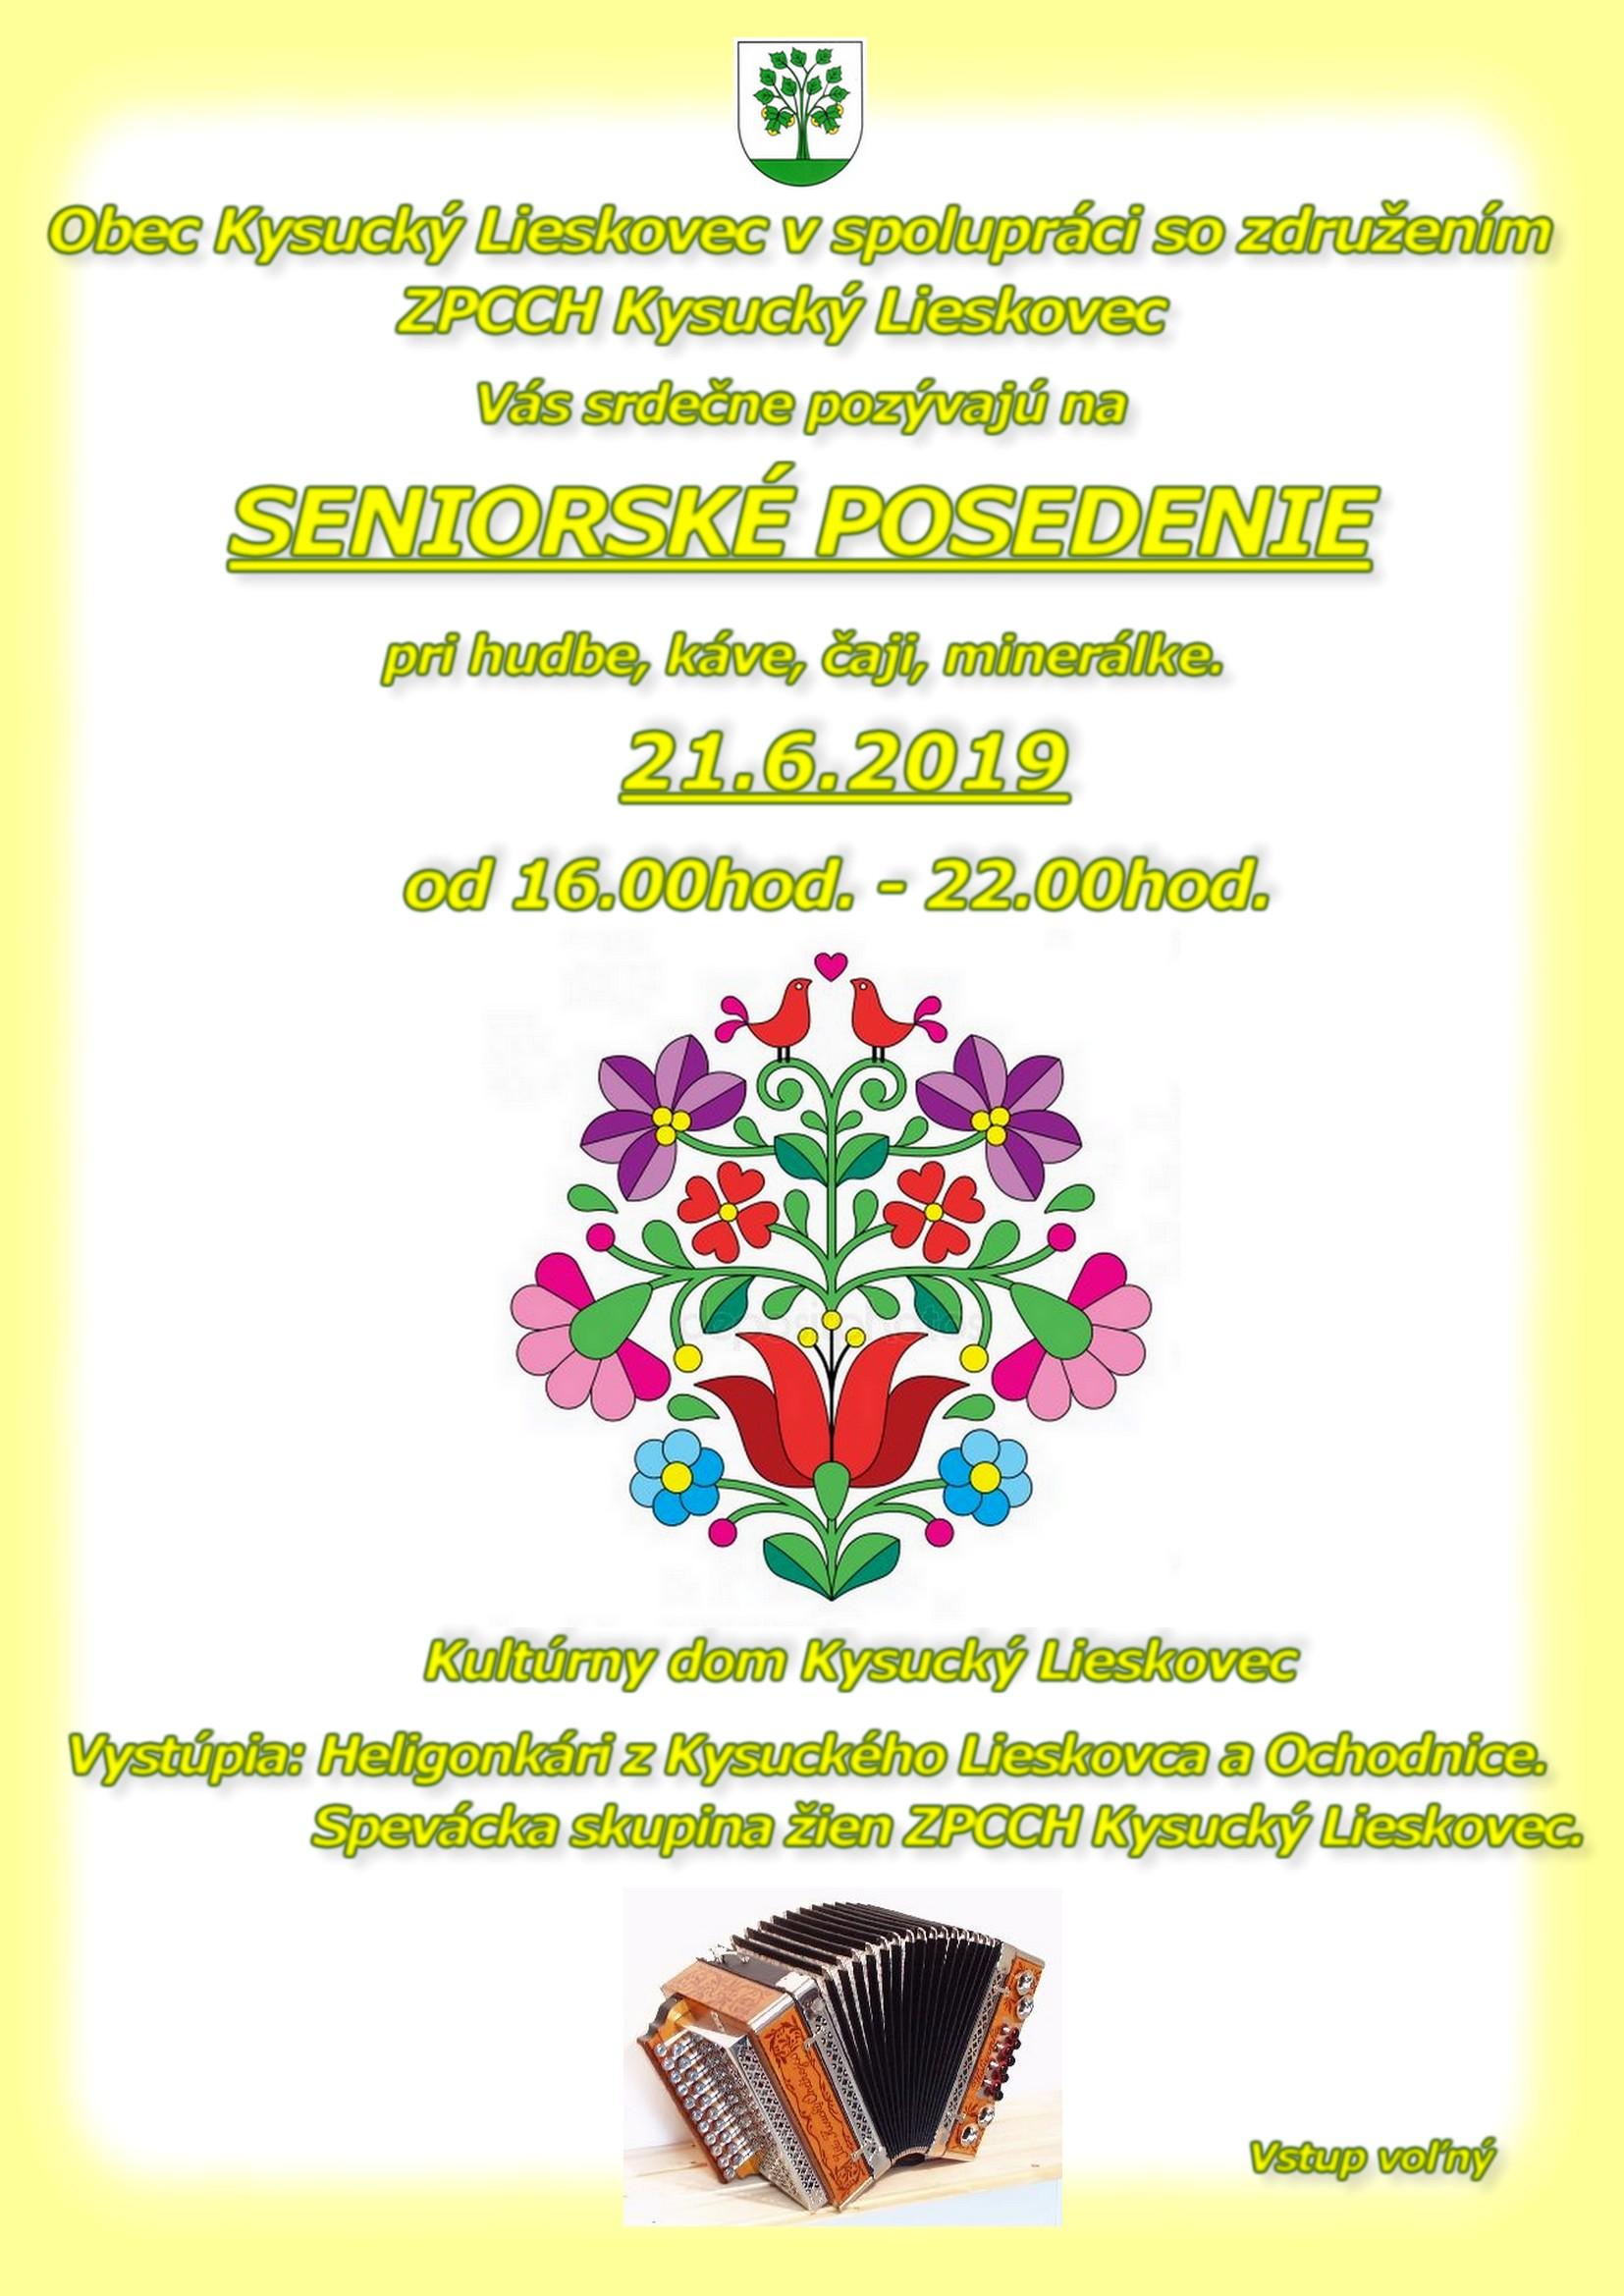 Das Dorf Kysucky Lieskovec lädt Sie in Zusammenarbeit mit dem Verein ZPCCH Kysucky Lieskovec von 16:00 bis 22:00 Uhr zur SENIOR ASSEMBLY 21.6.2019 ein